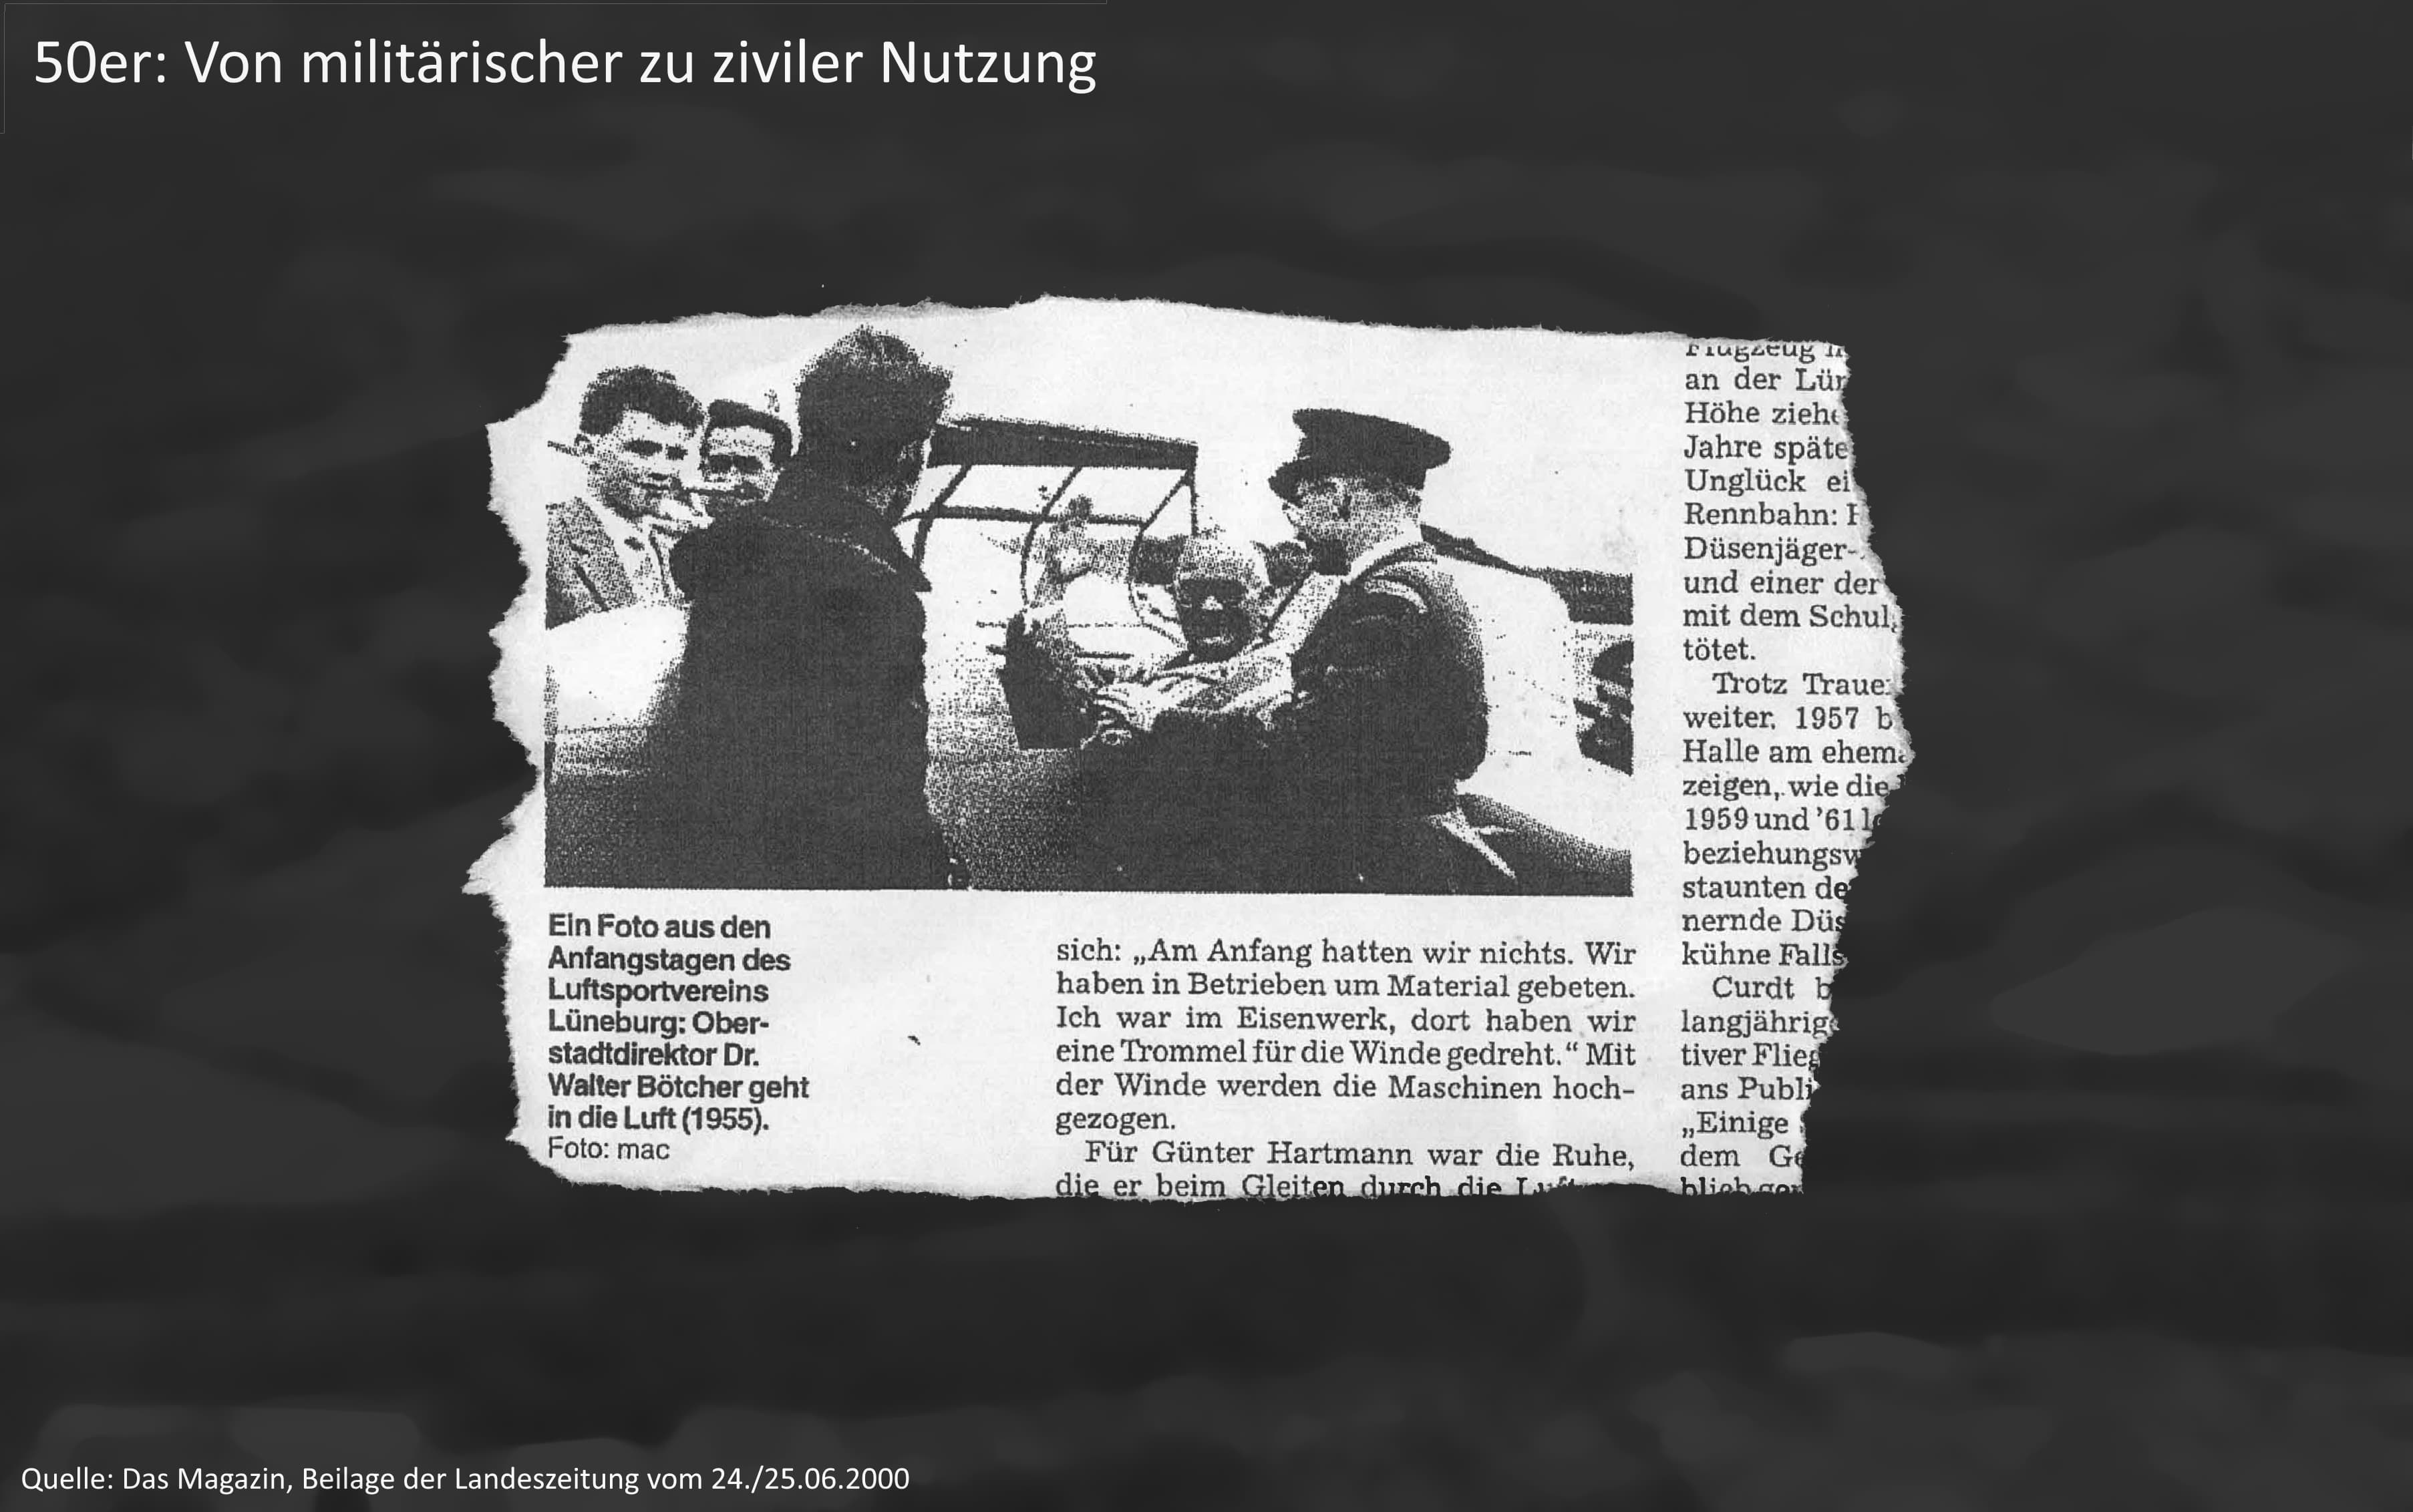 Bis 1945 als Fliegerhorst von der Luftstaffel der deutschen Wehrmacht genutzt, untersagen die Briten nach Kriegsende eine zivile Nutzung. Erst Anfang der 50er-Jahre wird der Luftsport wieder möglich. In diesem Zuge gründet sich bereits 1950 der Luftsportverein Lüneburg e.V. (LVL) nach dem Krieg neu. Später sind auch motorisierte Leichtflüge wieder erlaubt.